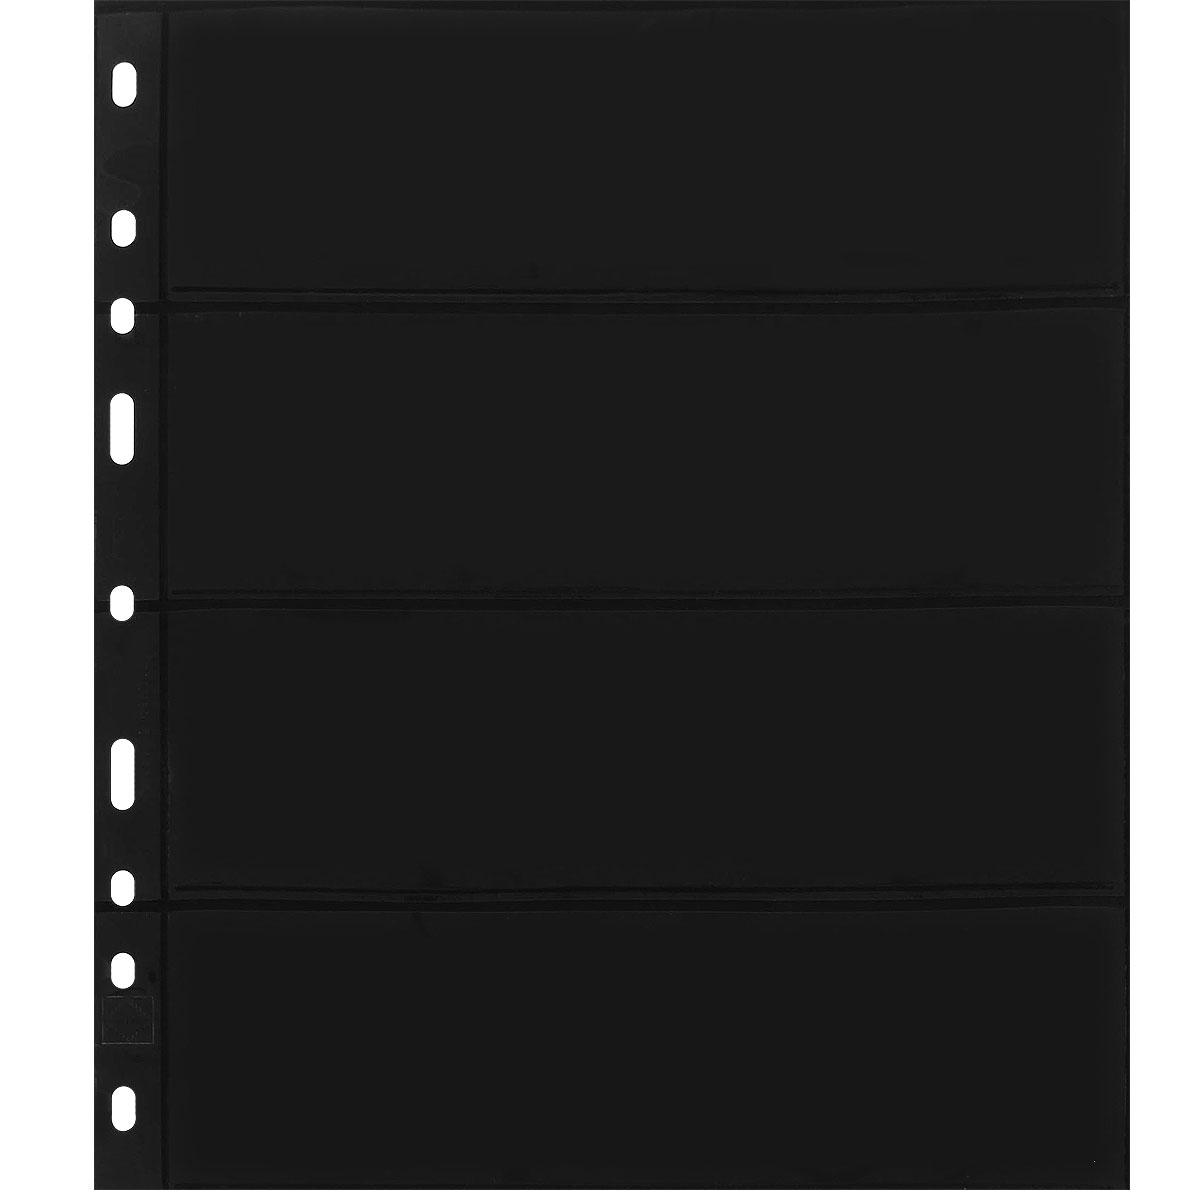 Лист в альбом Optima для бон, на 4 боны (S) (10 листов в упаковке)324851Характеристики: Размер листа: 25,2 см х 20,2 см Размер ячейки: 18 см x 7,7 см Количество листов в упаковке: 10